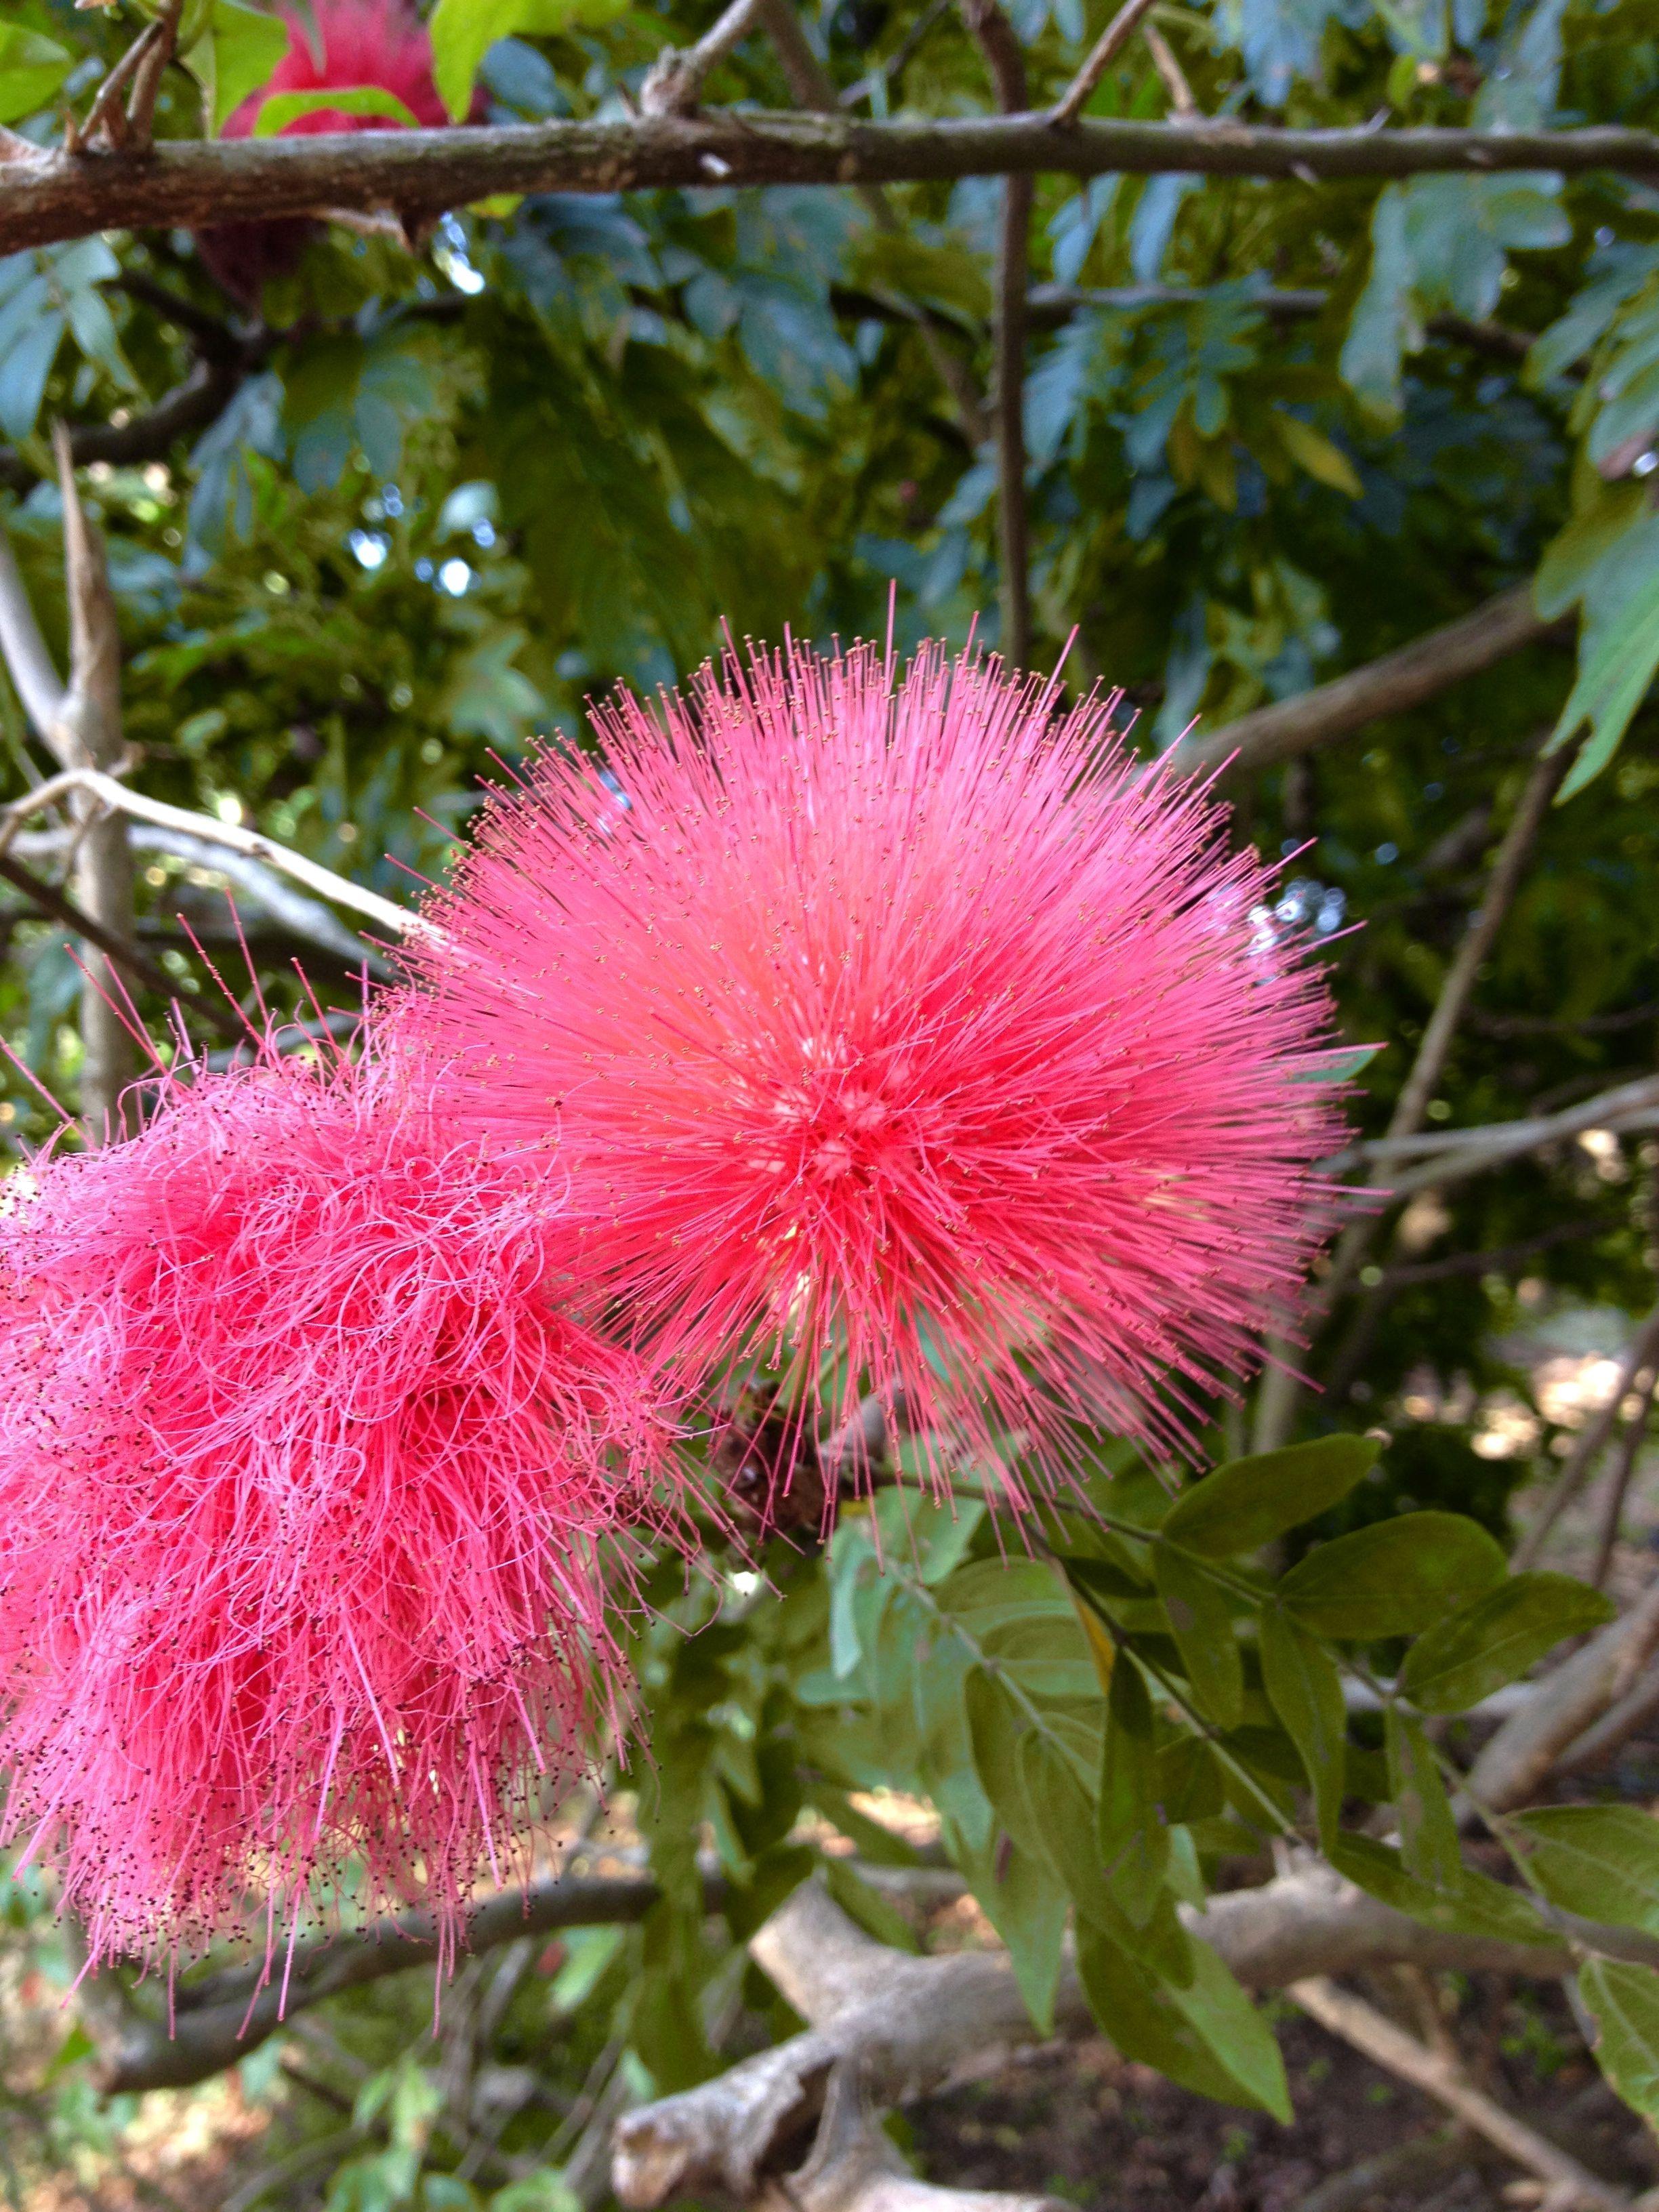 Flor explosiva!